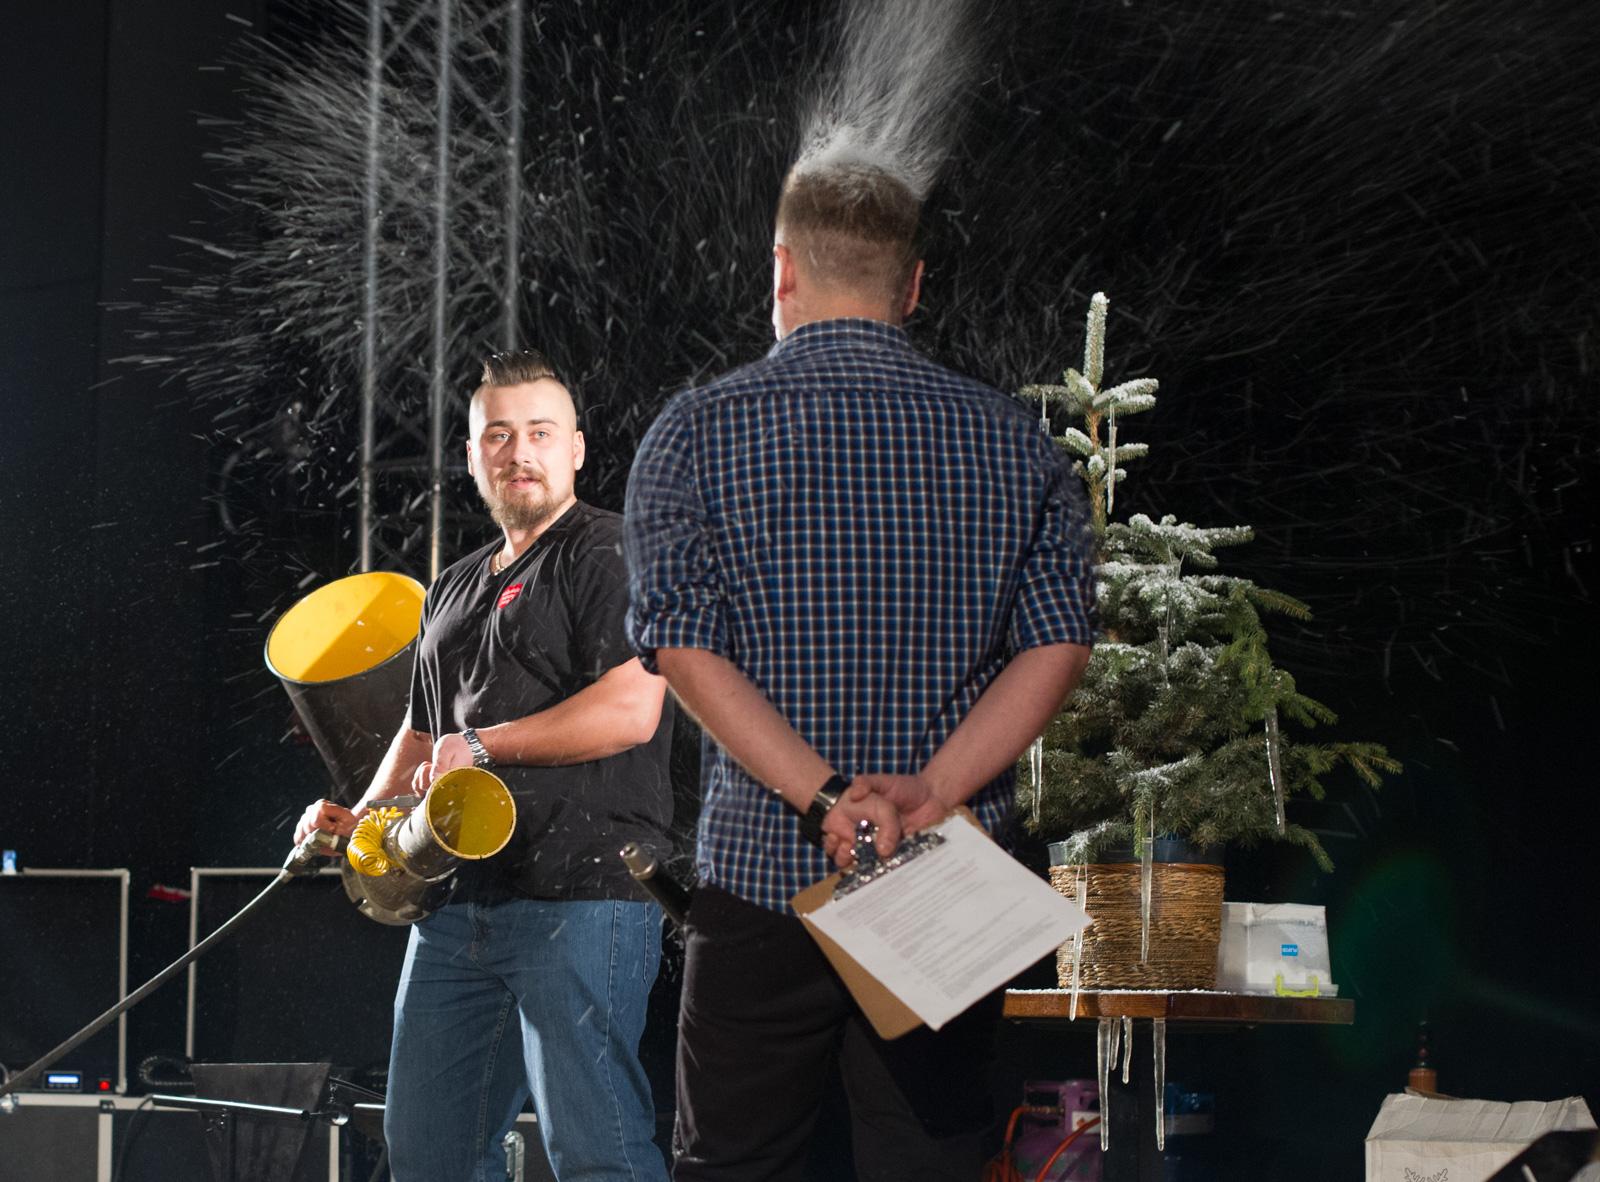 Zdjęcie: Śnieżne bajeczki, fot. A. Bajkowski (12)